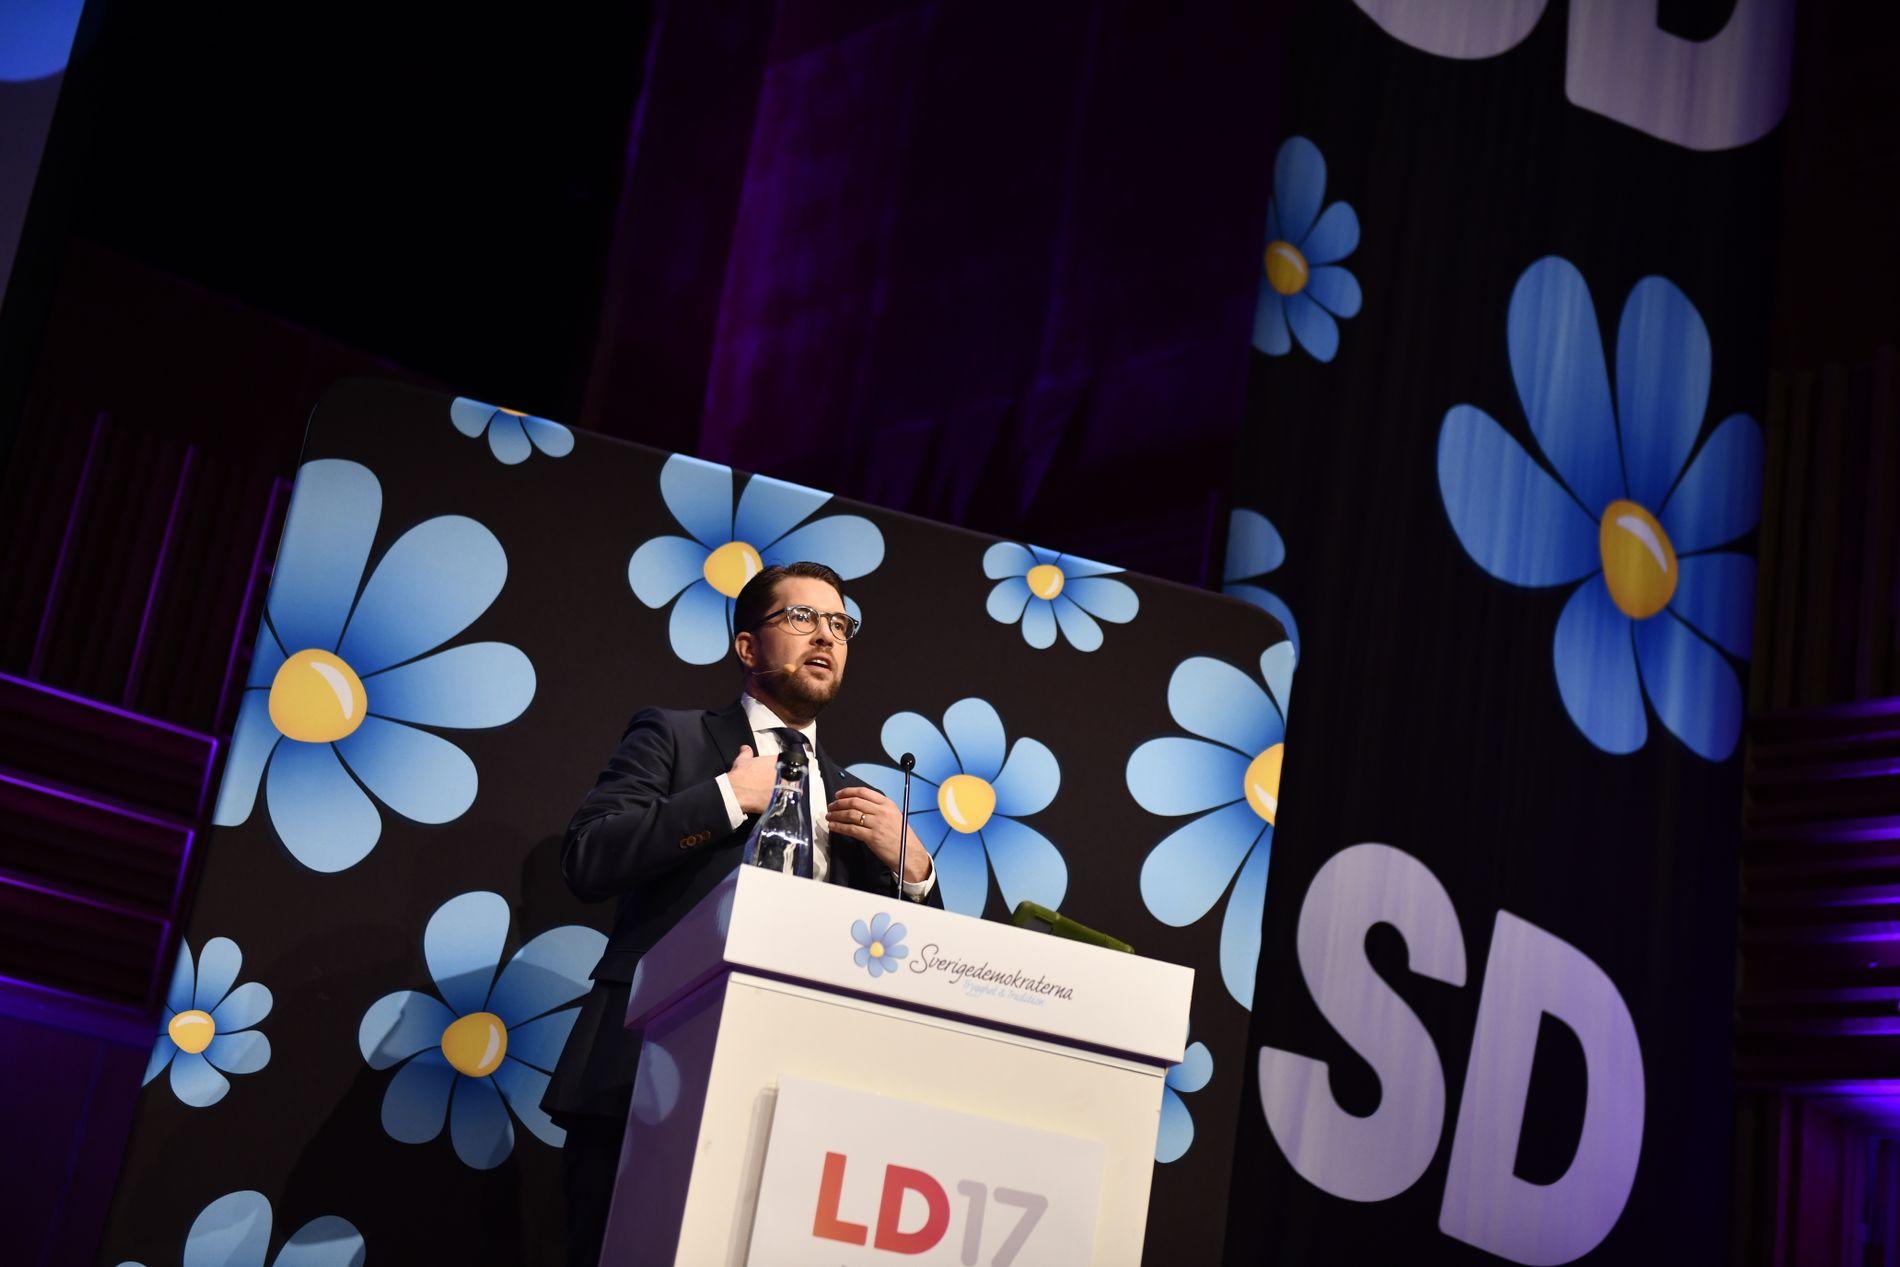 PÅ VEI OPP: Mens hans politiske motstander ser med gru med muligheten for at han blir statsminister, har en stadig større andel av velgerne tillit til Sverigedemokraternas leder Jimmie Åkesson.